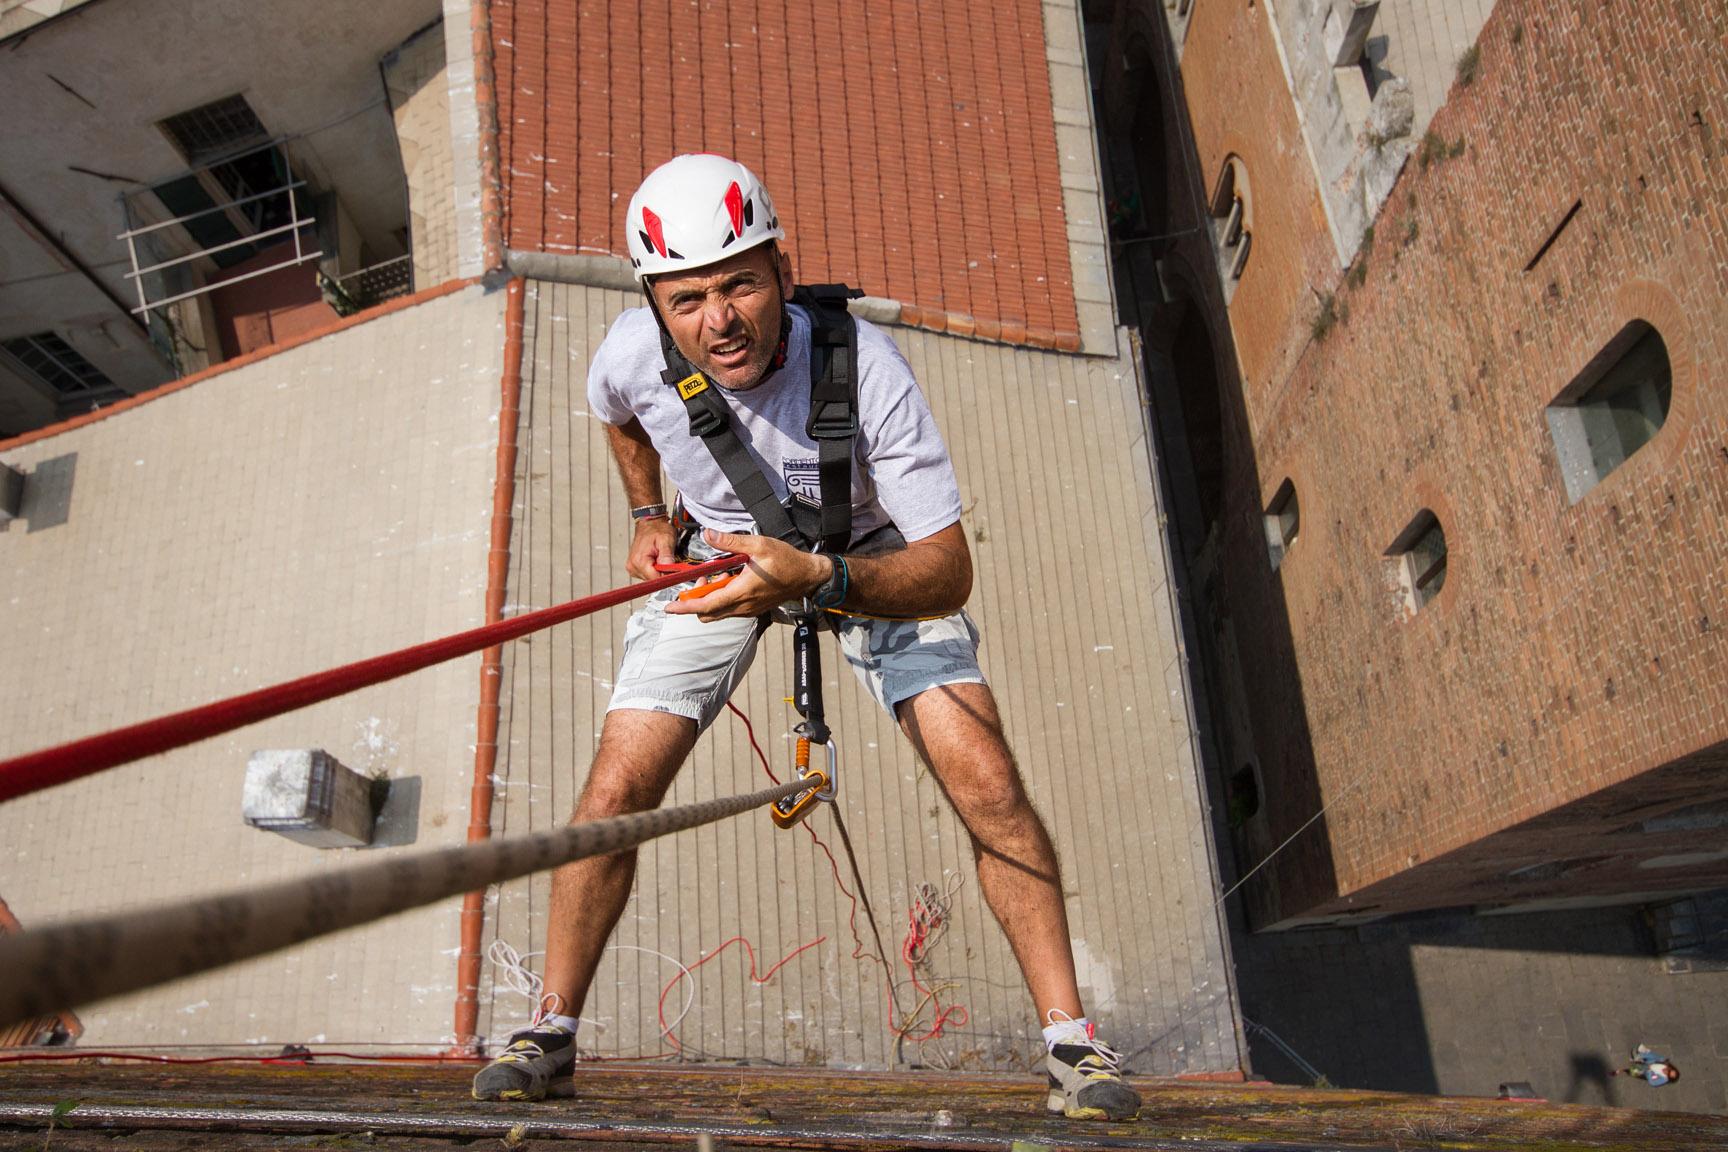 Le maestranze della ditta edile Formento restauri sono specializzate in Restauri in quota, su fune, senza l'utilizzo di ponteggi.